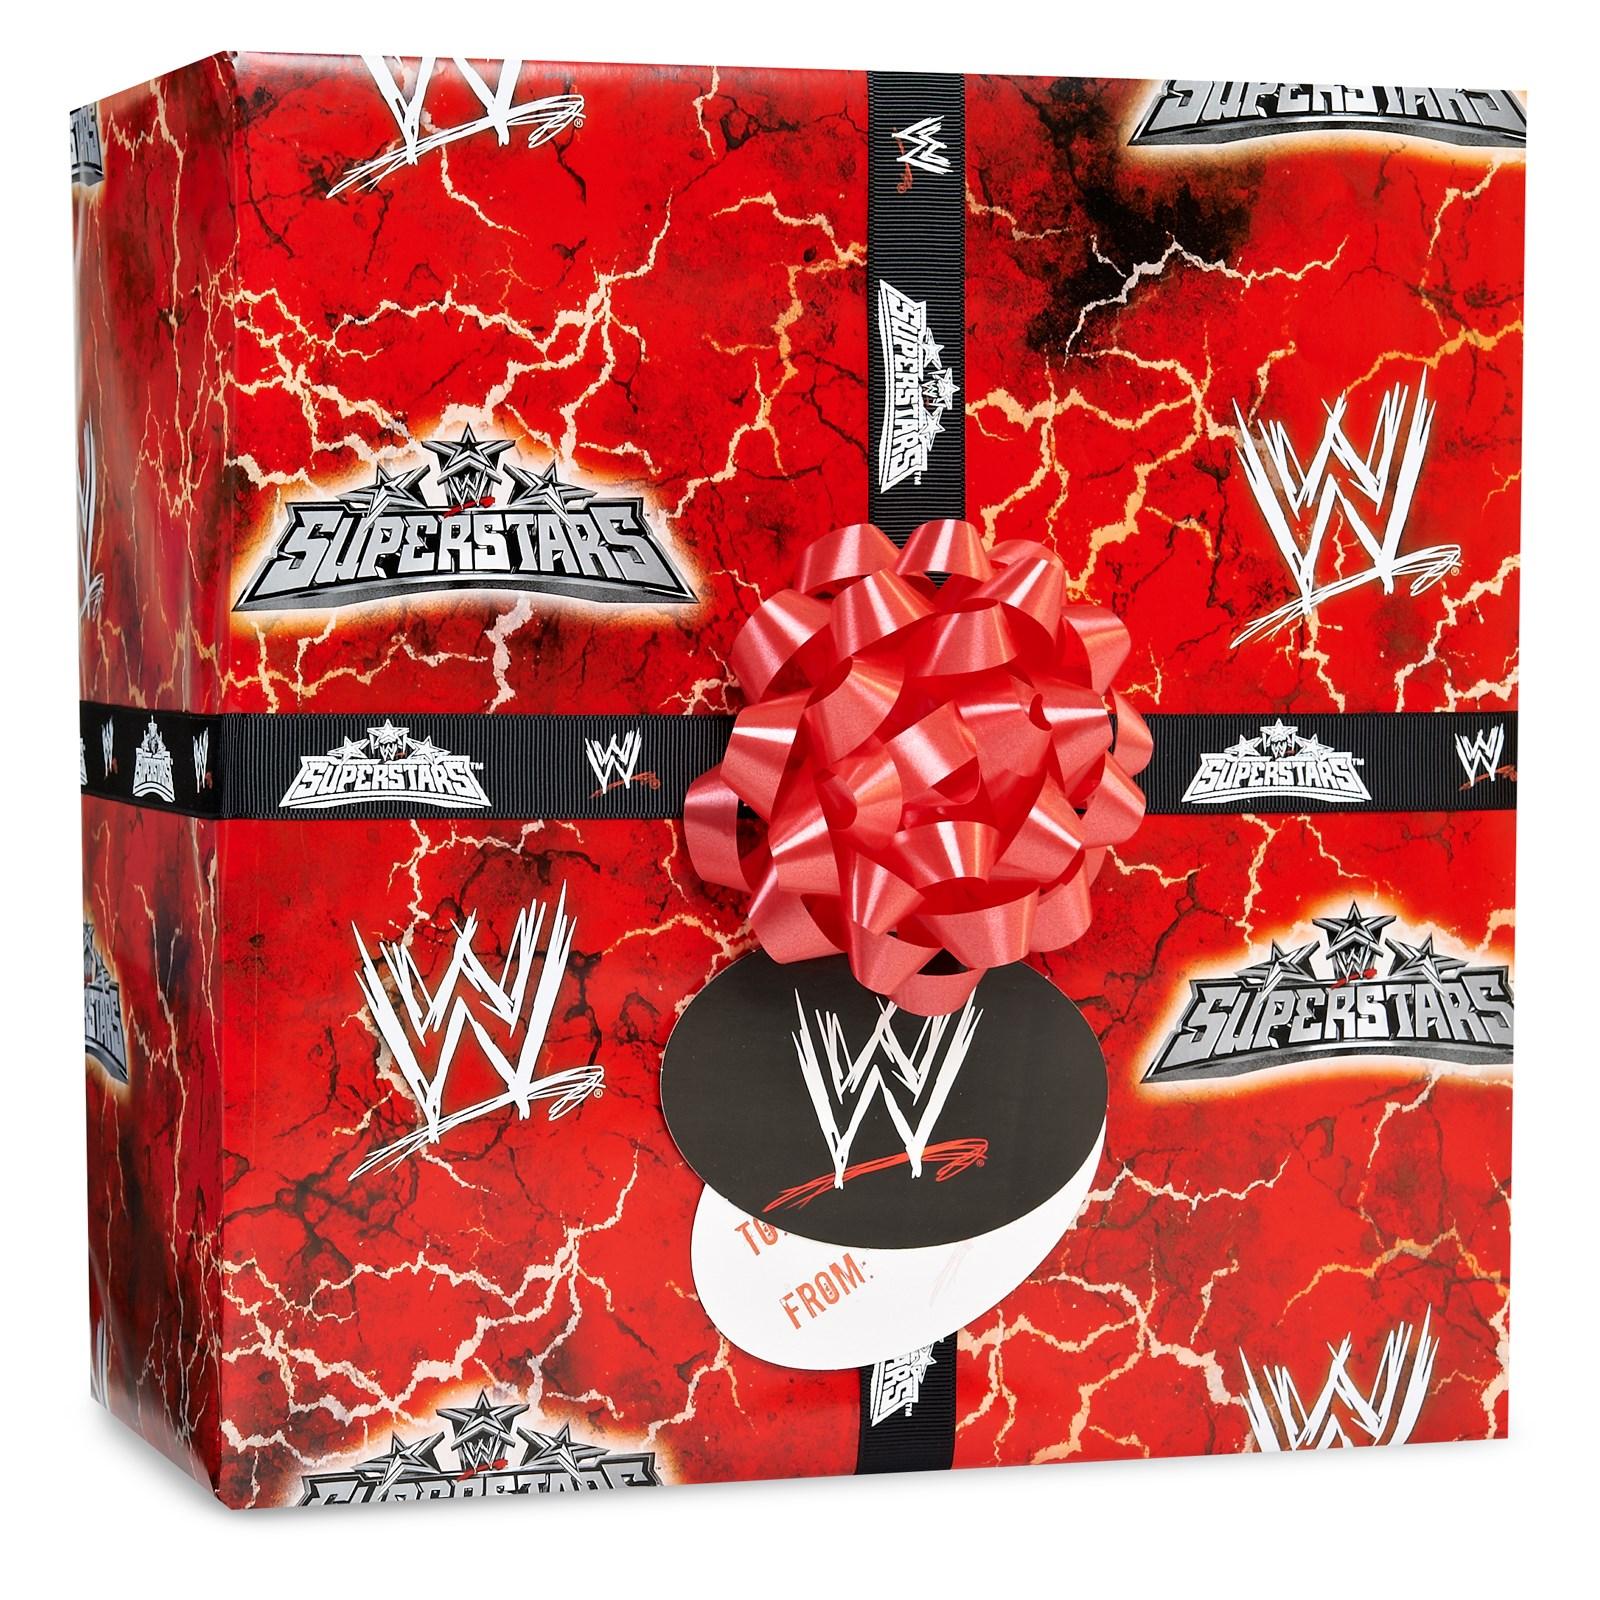 Image of WWE Gift Wrap Kit